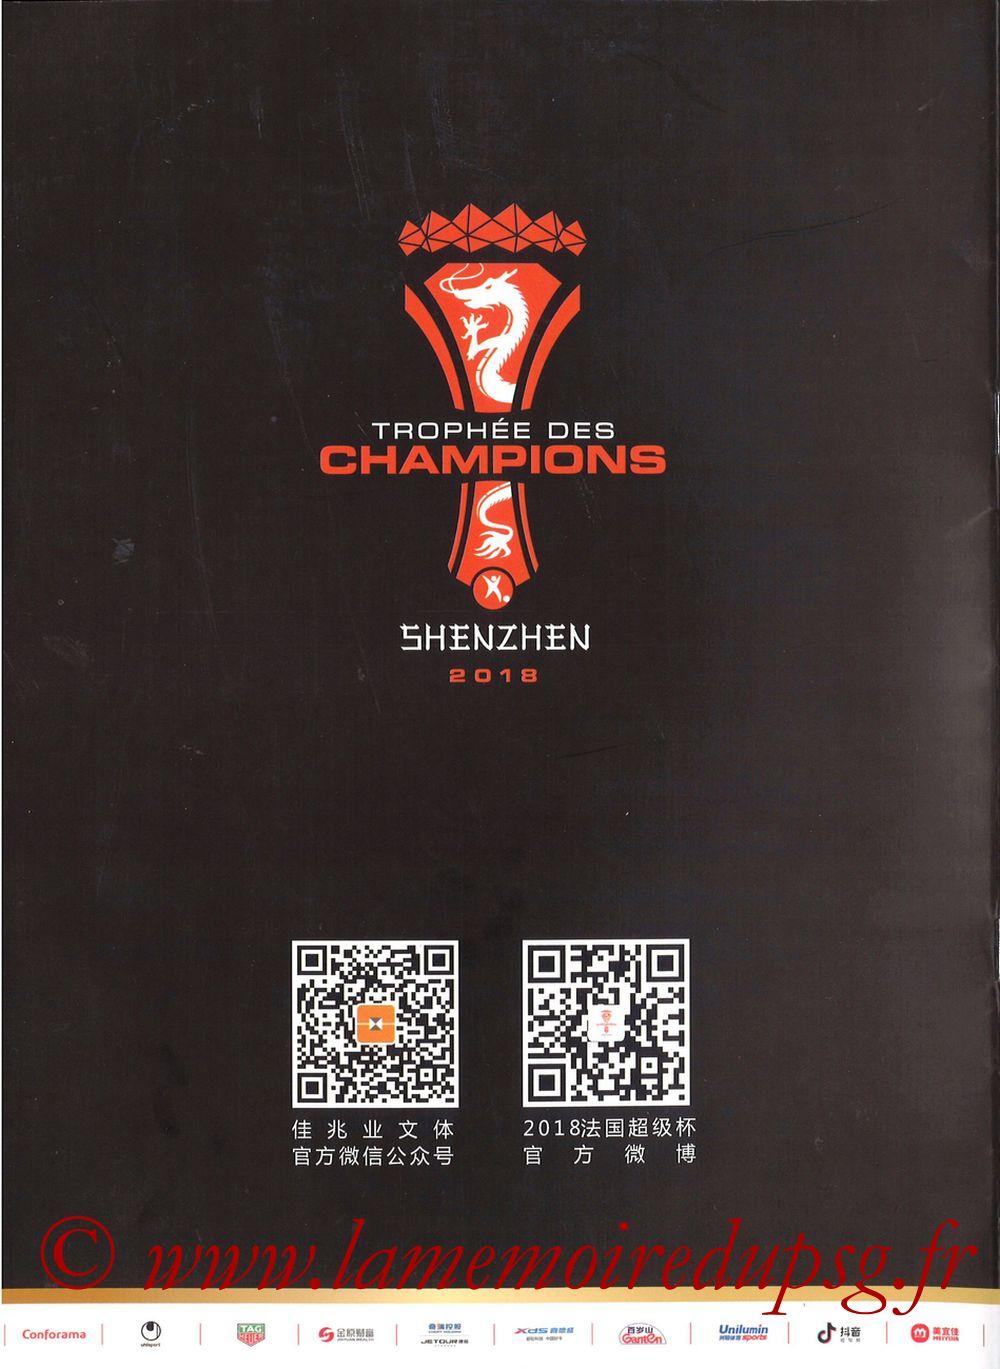 2018-08-04  PSG-Monaco (Trophée des Champions à Shenzhen, Media Guide) - Pages 00